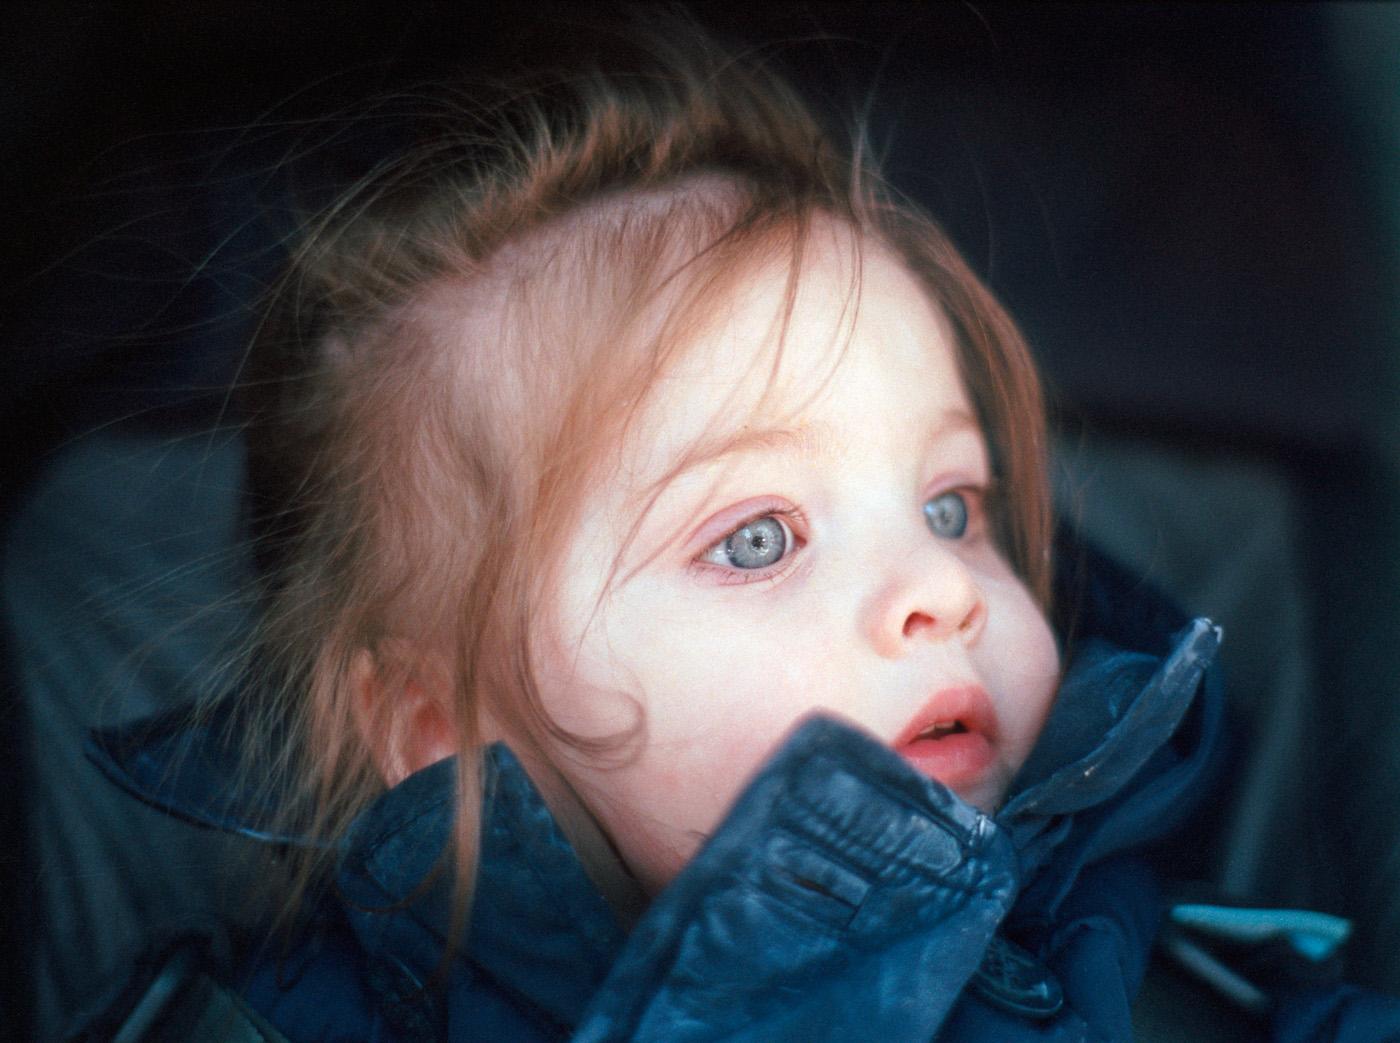 Amelia | Frame 16